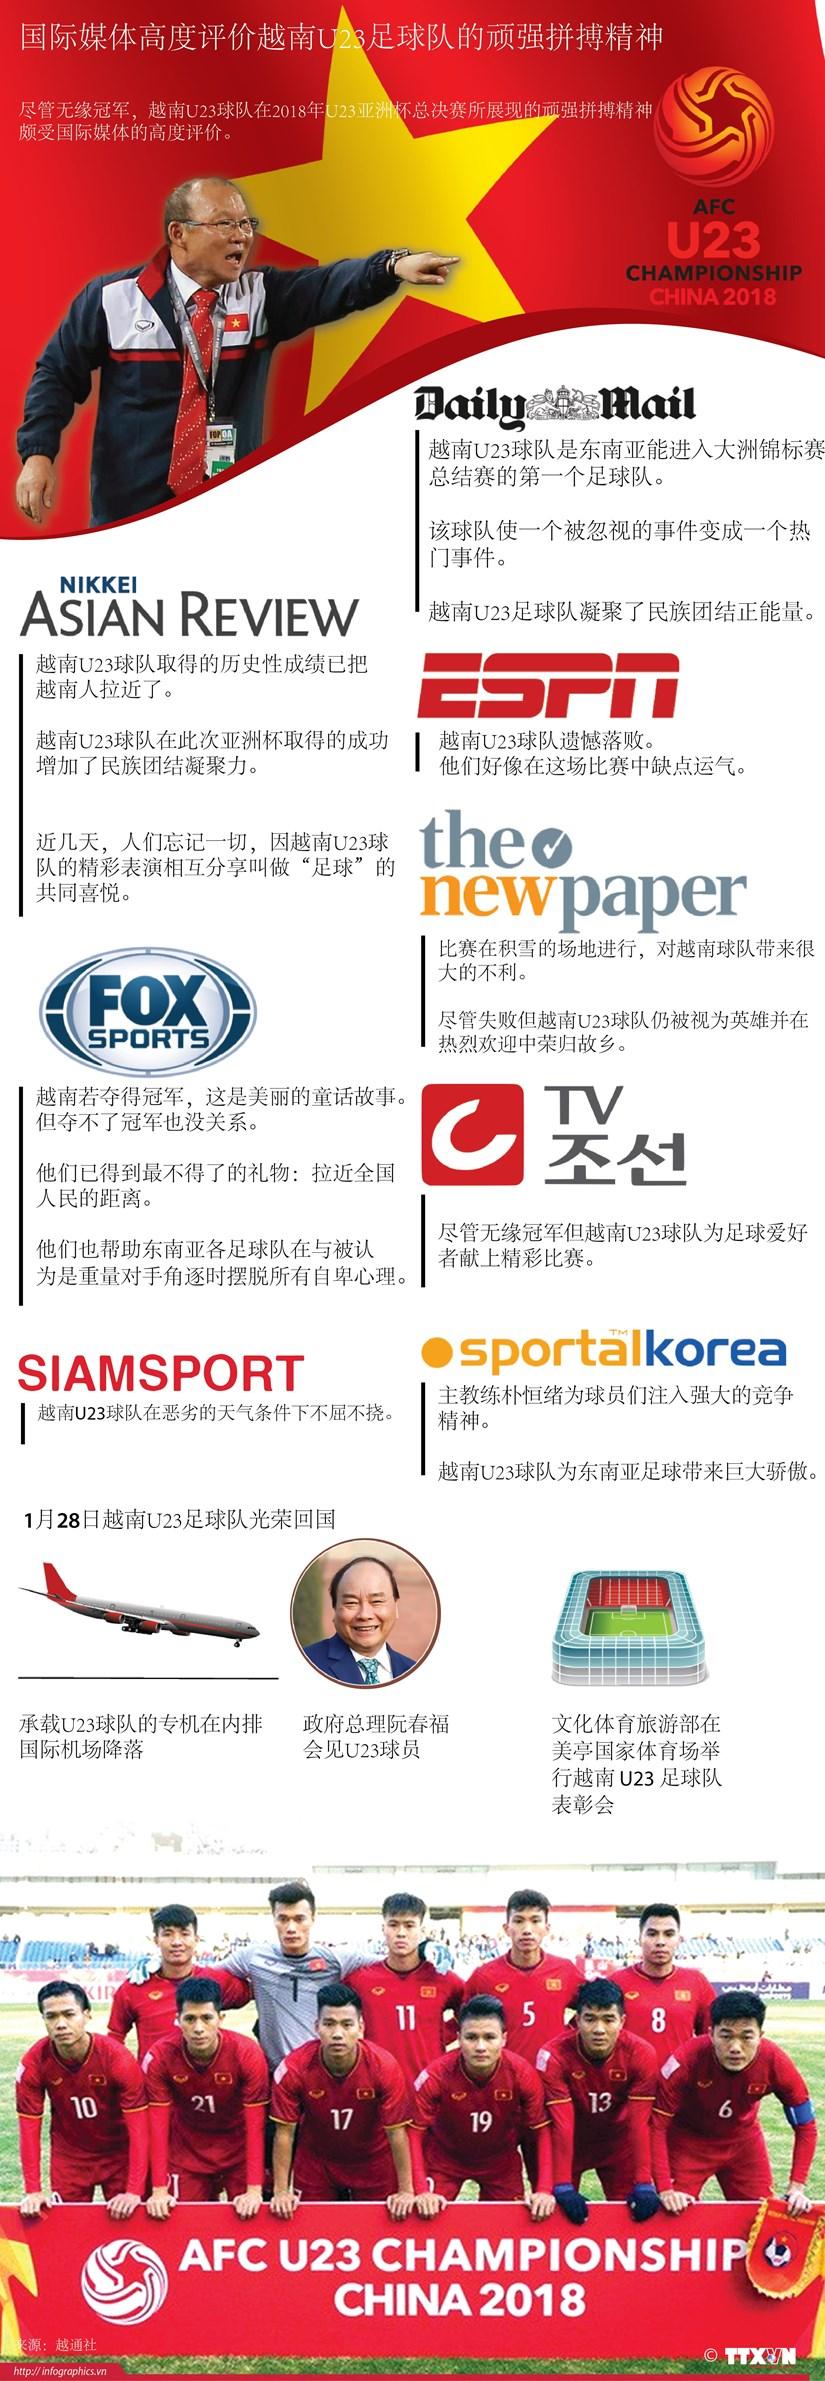 图表新闻:国际媒体高度评价越南U23足球队的顽强拼搏精神 hinh anh 1